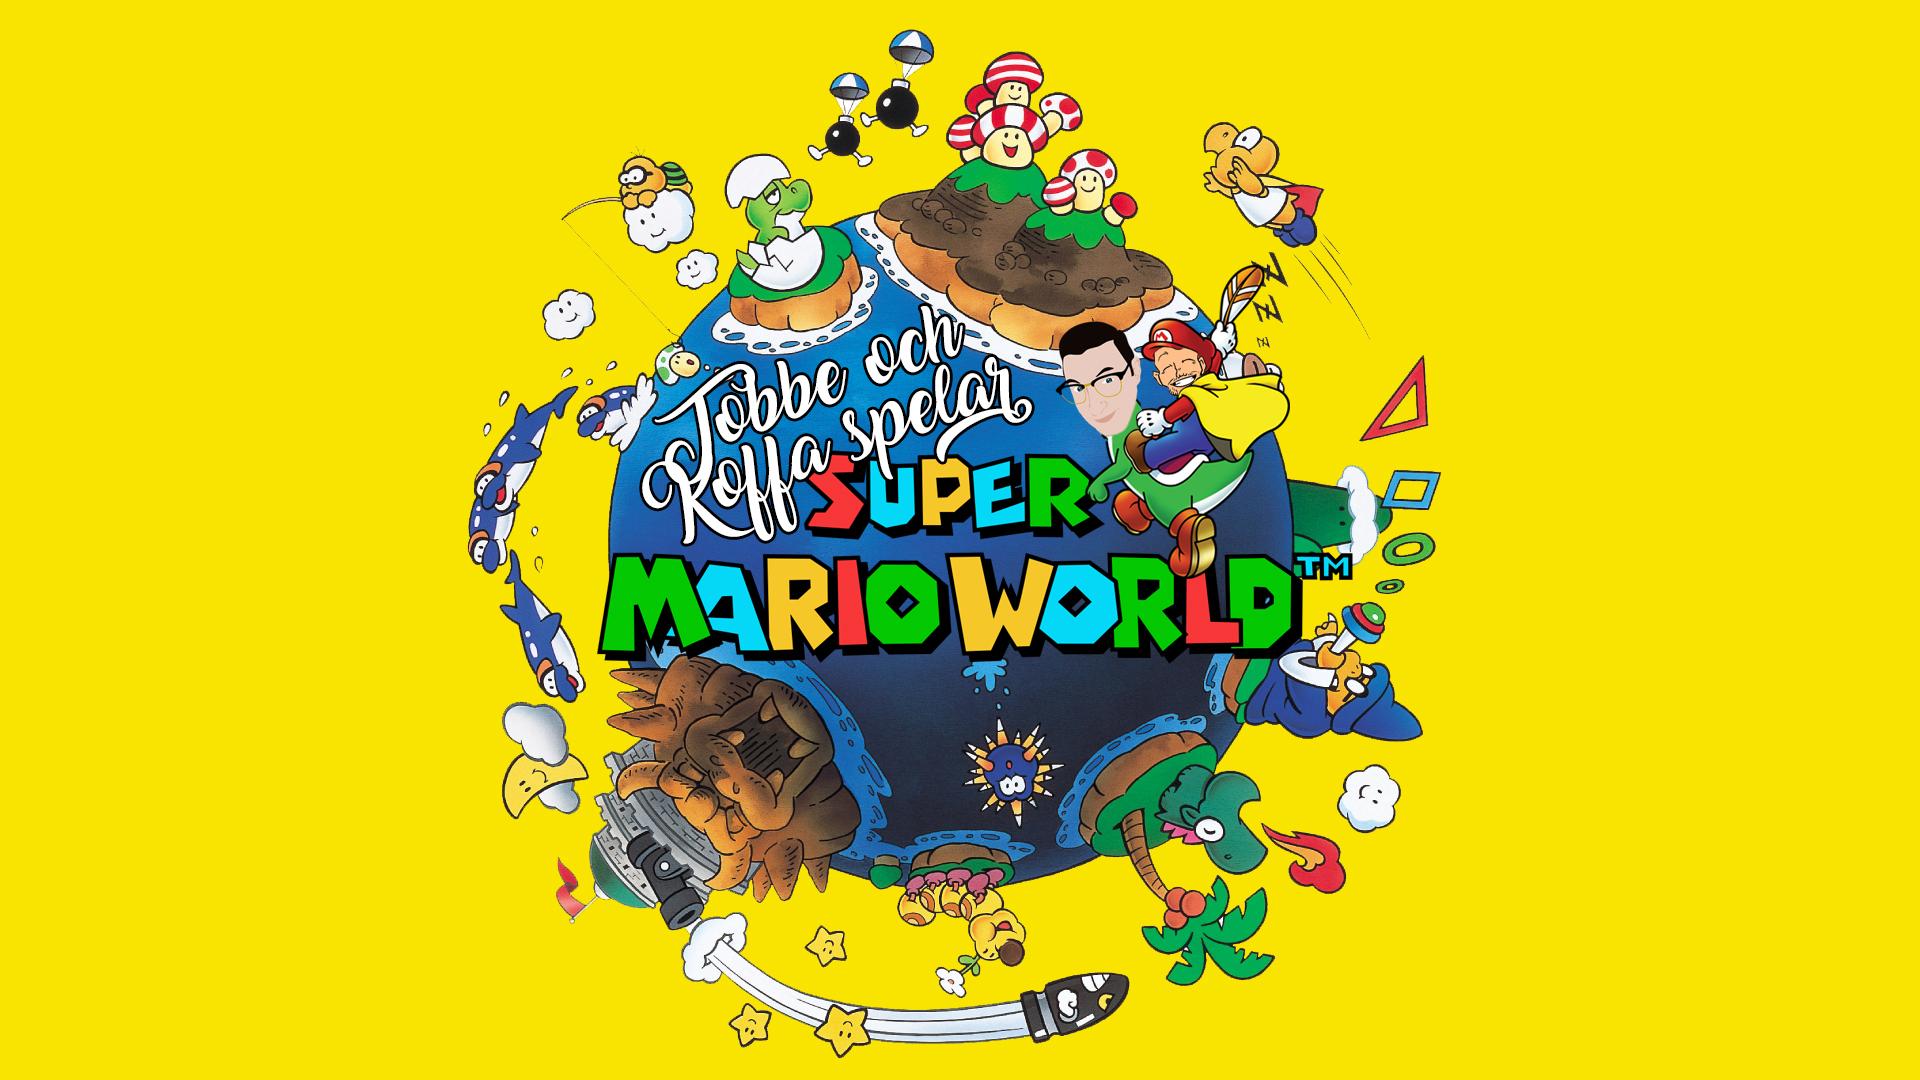 Tobbe och Koffa spelar Super Mario World